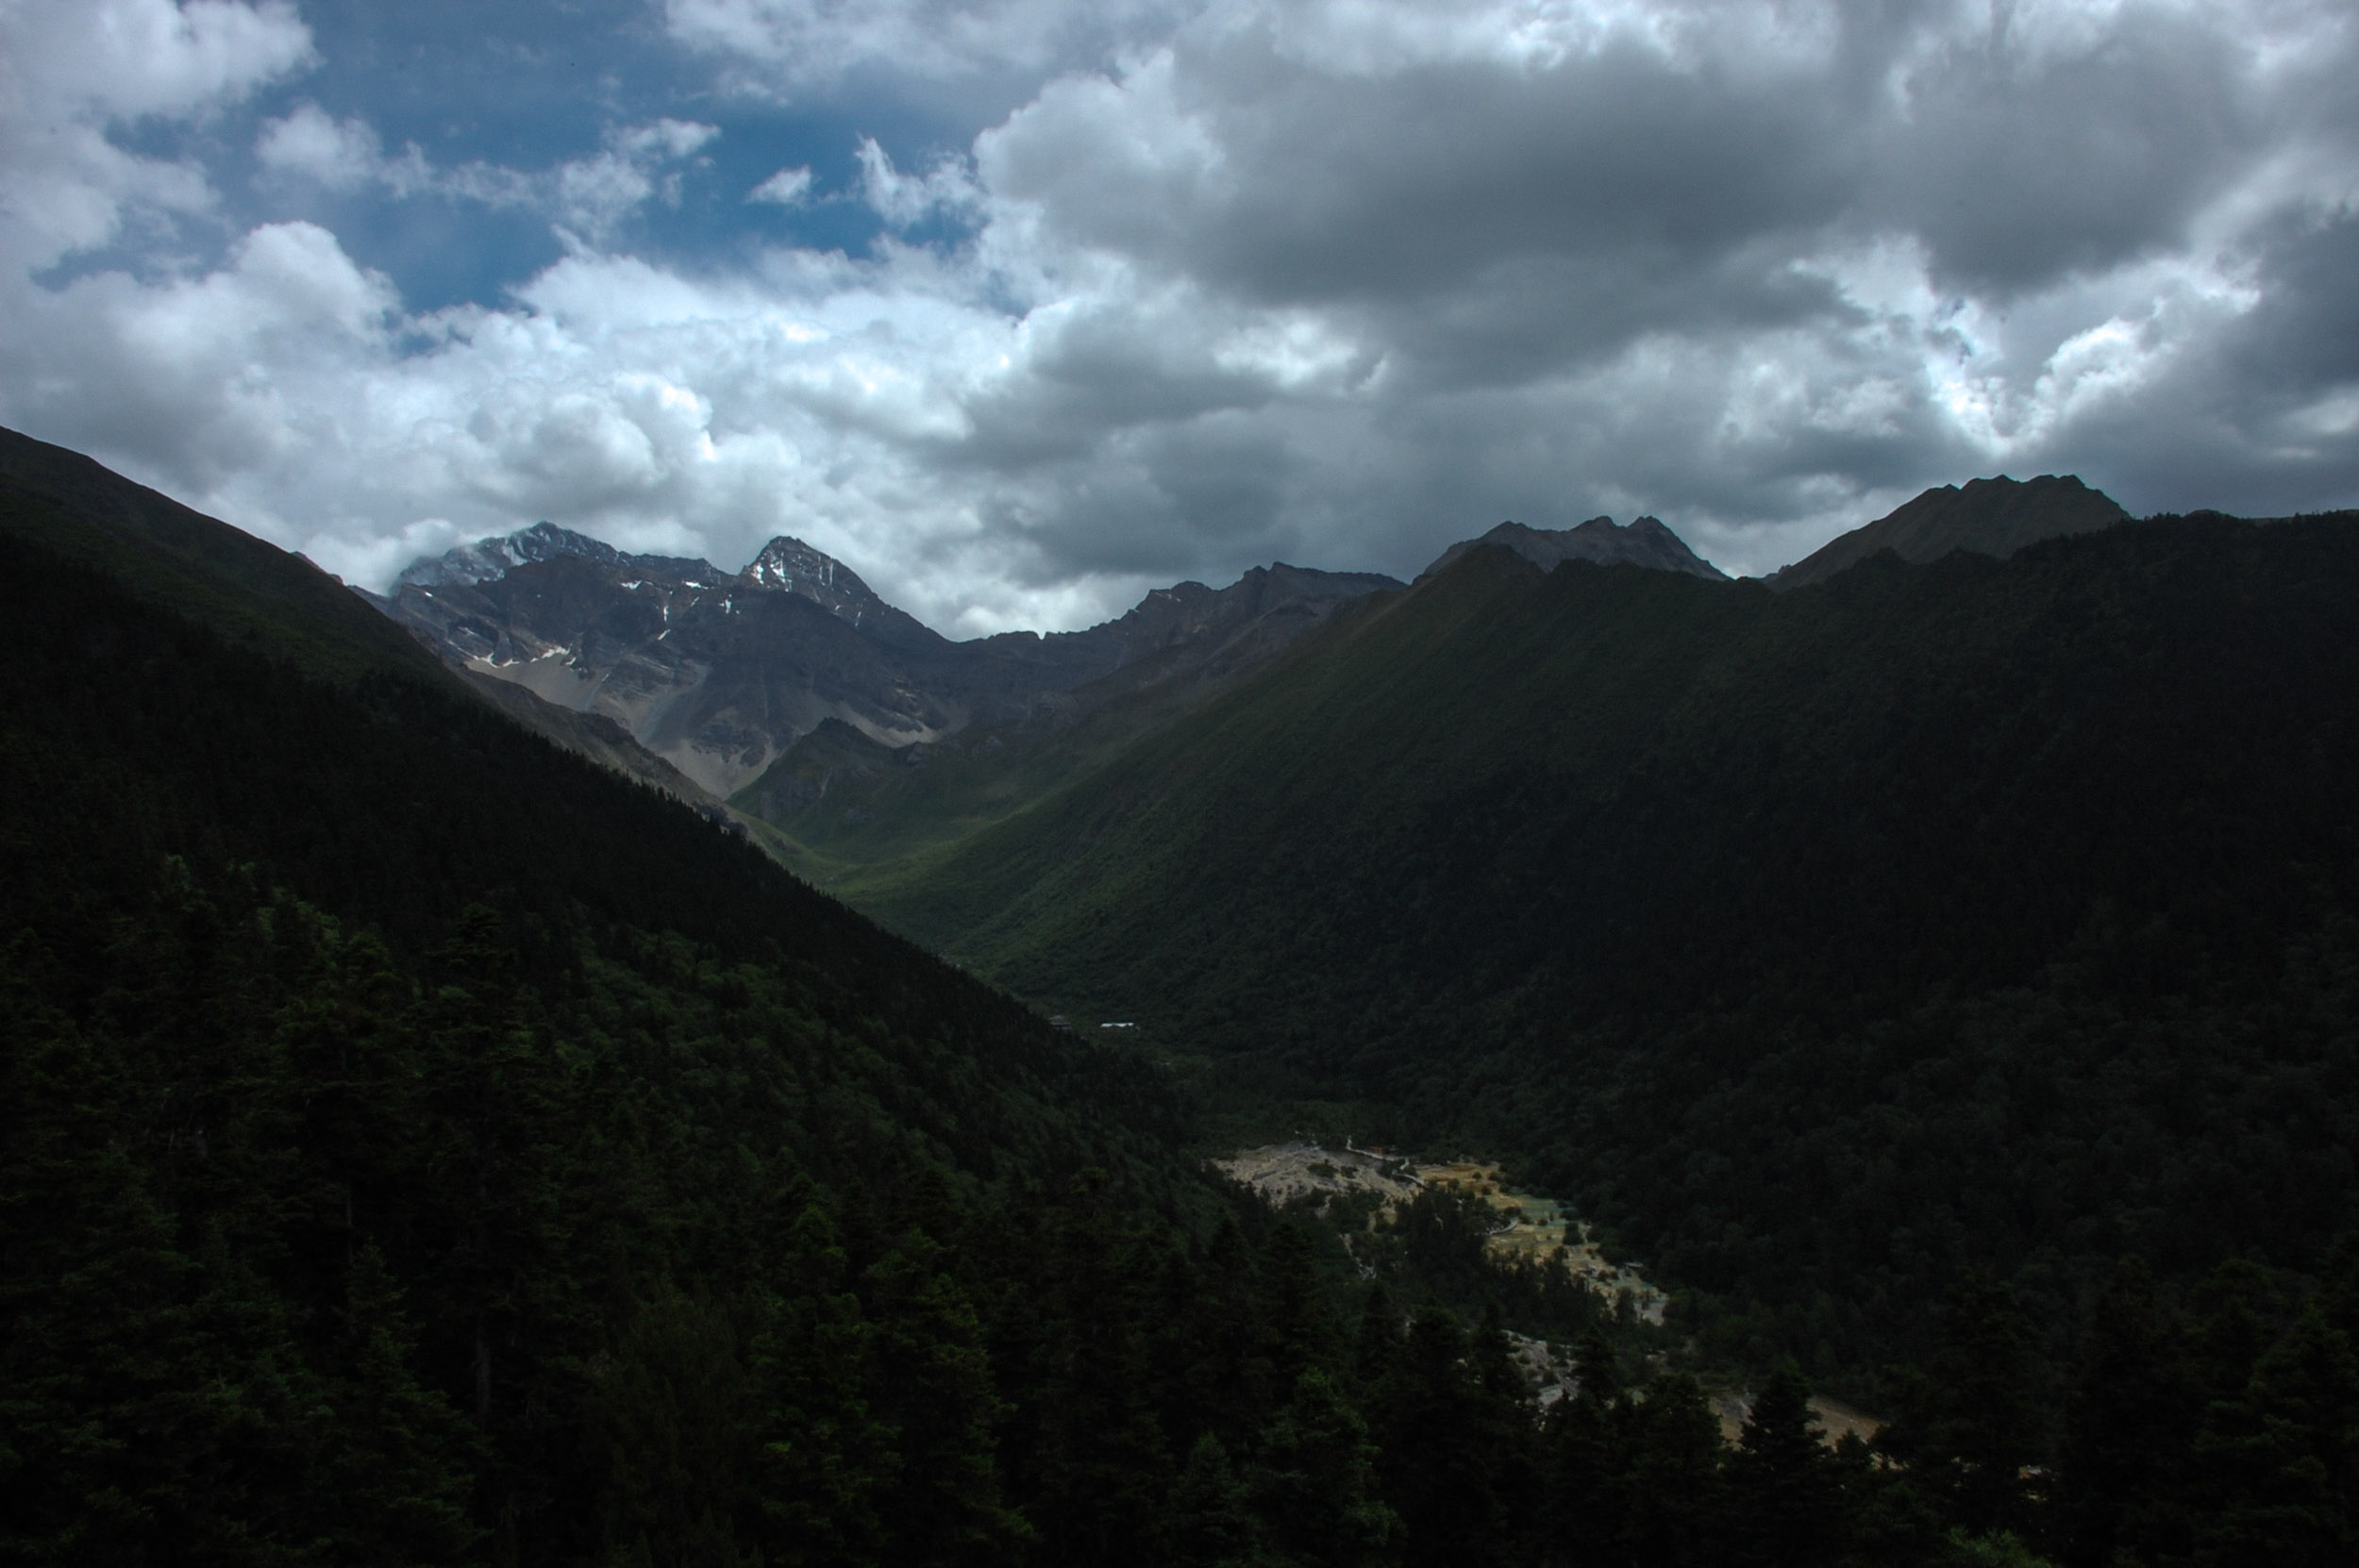 黄竜風景区の全景